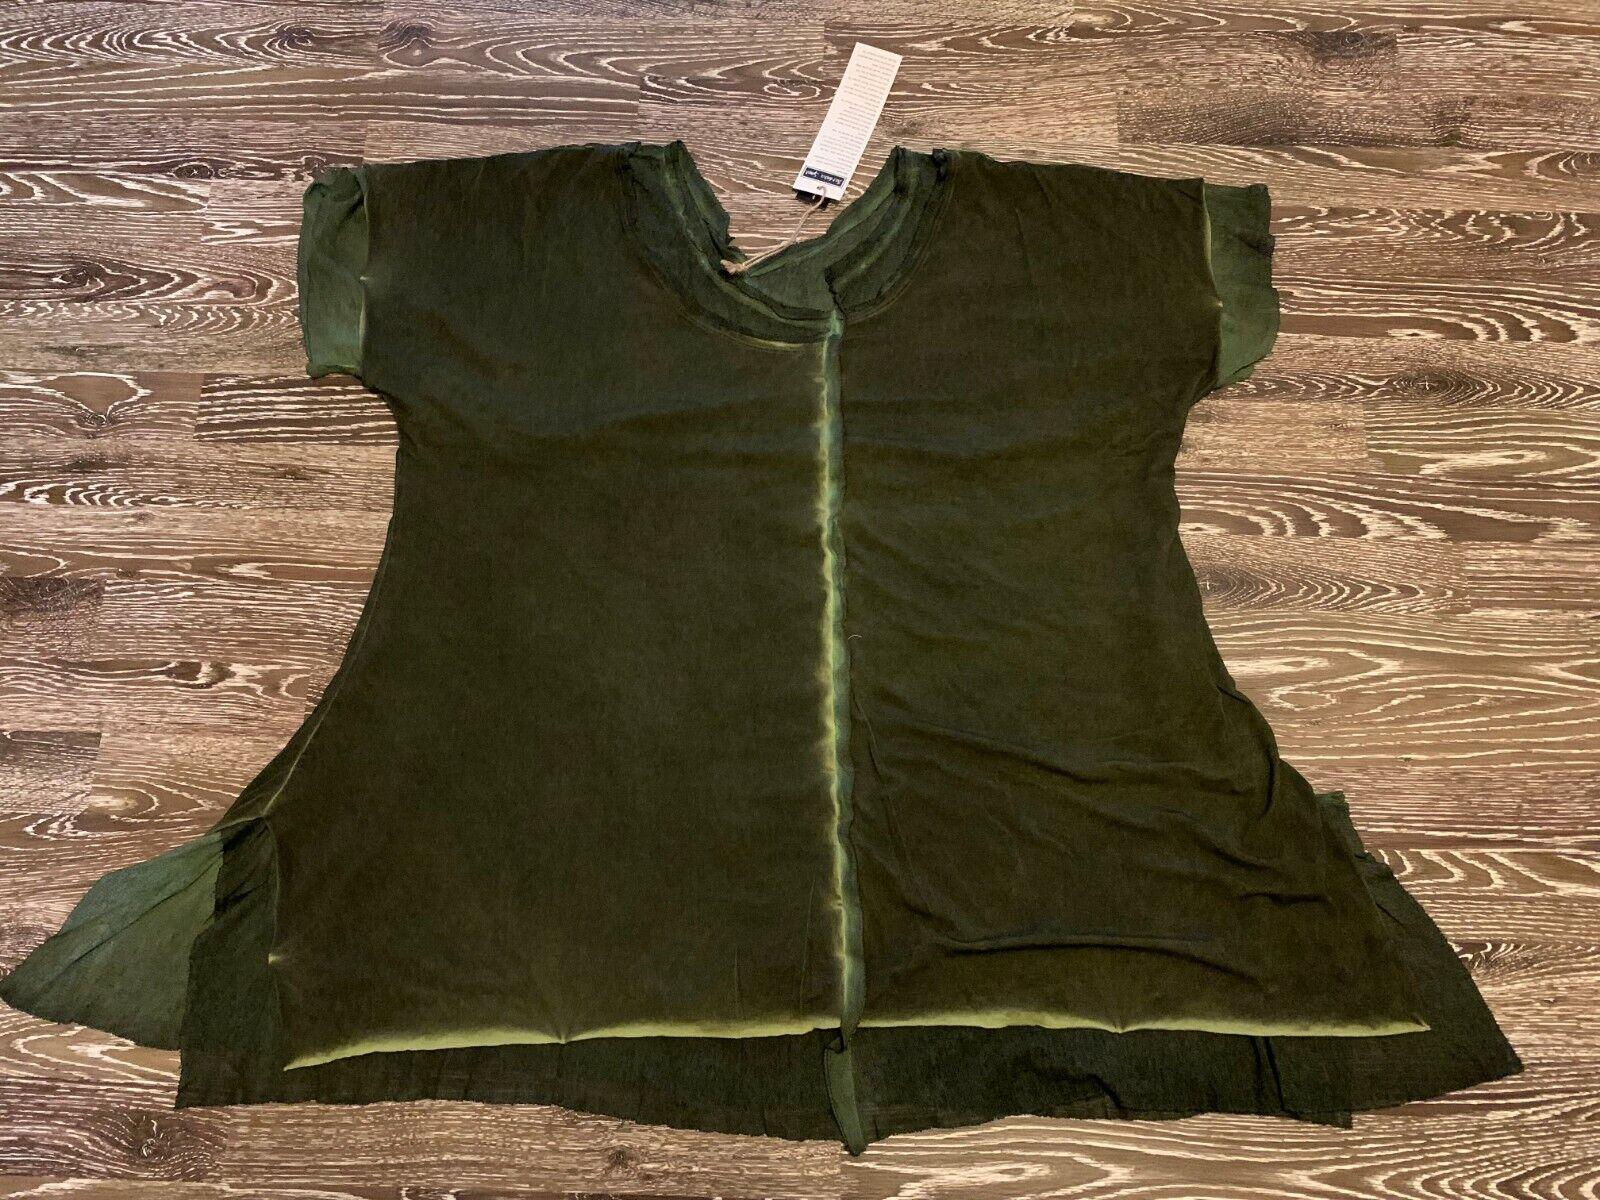 Barbara Speer Lagenlook T-Shirt mit Tülleinsätzen in grün old look NEU